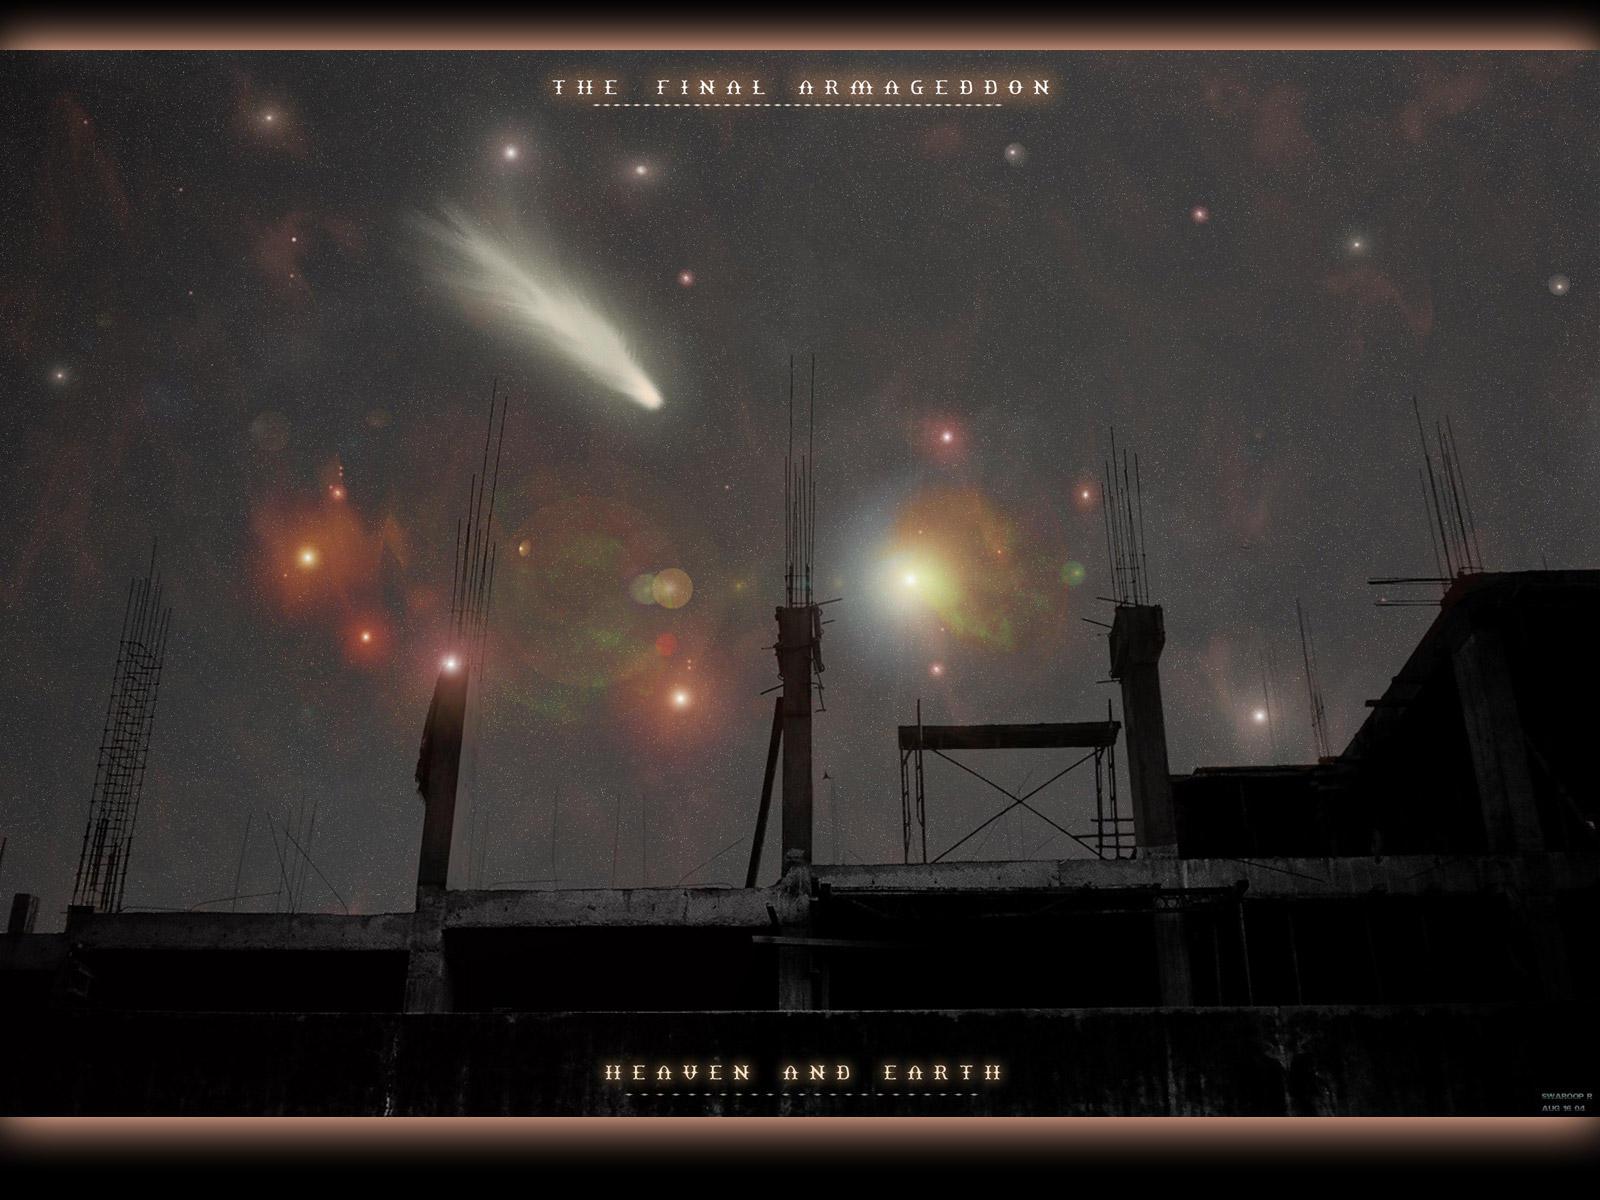 FinalArmageddon_HeavenAndEarth by Swaroop